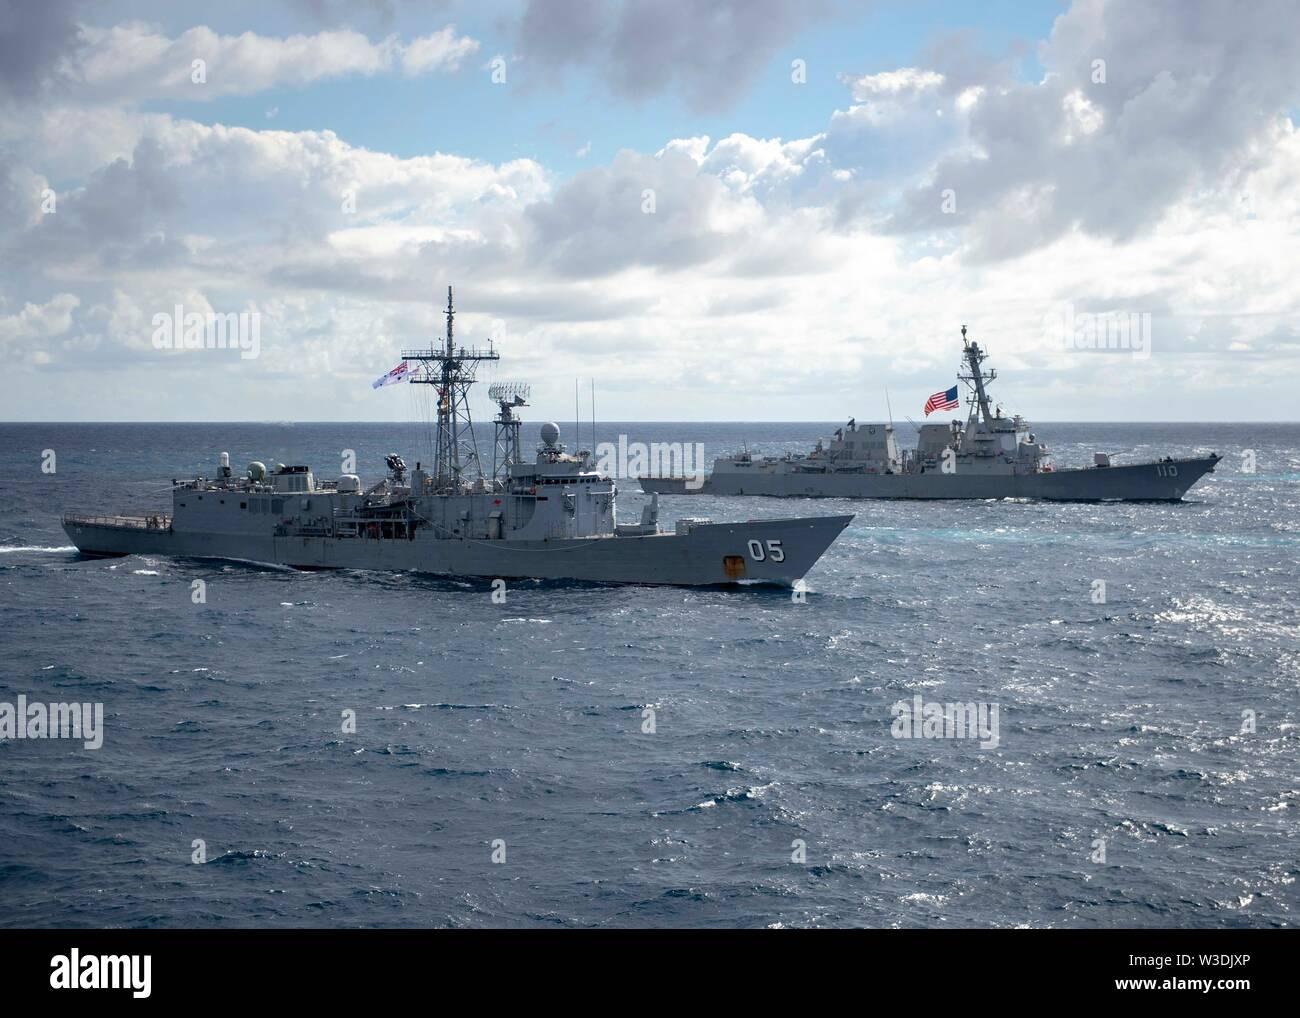 190711-N-WK 982-3065 CORAL SEA (11. Juli 2019) Die Royal Australian Navy Adelaide-Klasse geführte-missile Frigate HMAS Melbourne (FFG05), links, und der Arleigh-burke-Klasse geführte Anti-raketen-Zerstörer USS William S. Lawrence (DDG110) Manöver in Ausbildung während der Talisman Sabre 2019. Talisman Sabre 2019 zeigt die Nähe des australischen und US-amerikanischen Allianz und die Stärke der militärischen Beziehung. Dies ist der achte Iteration dieser Übung. (U.S. Marine Foto von Mass Communication Specialist 2. Klasse John Harris/Freigegeben) Stockbild